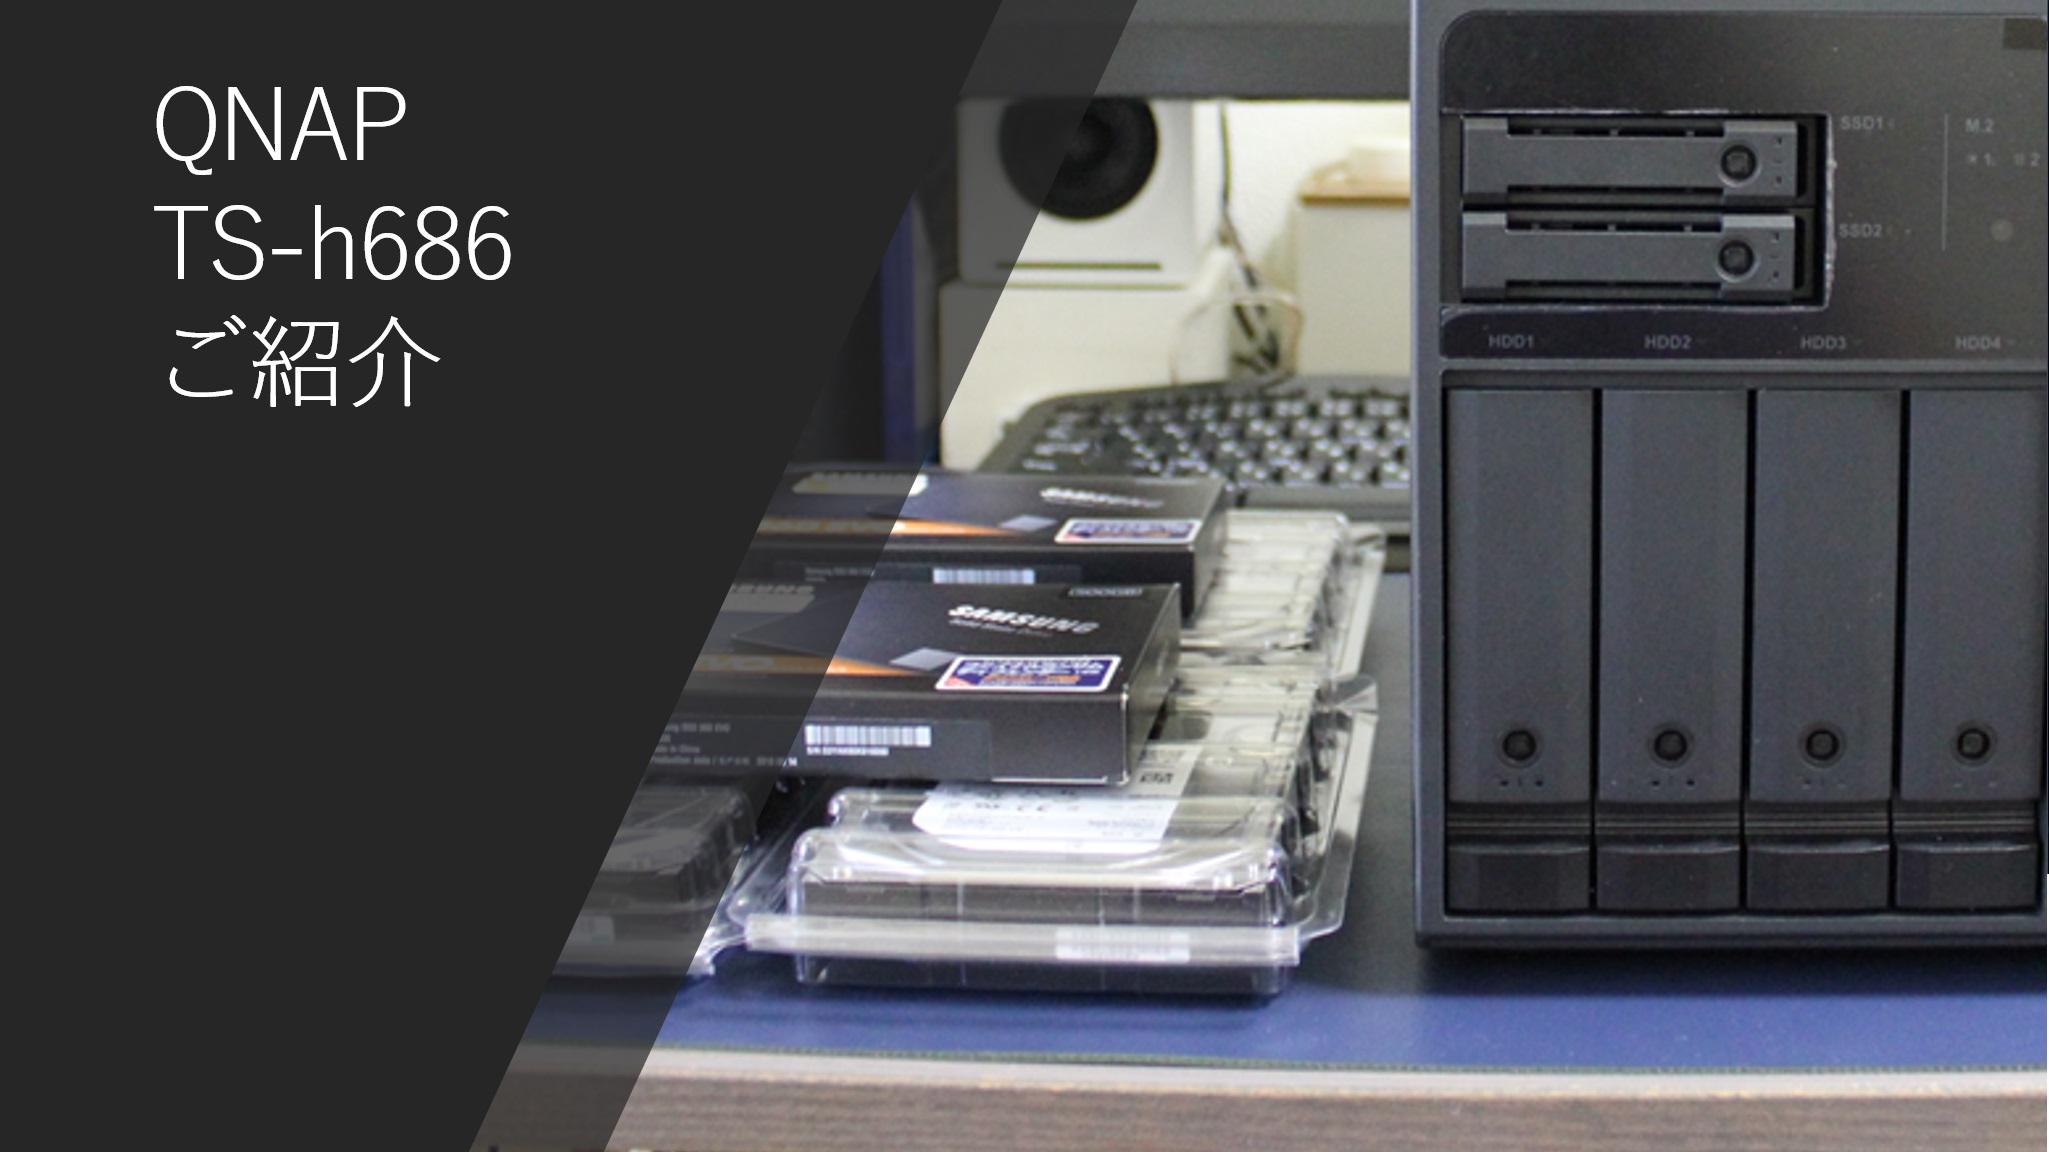 【NAS】QNAPのZFS搭載「モンスターNAS」、TS-h686をご紹介!